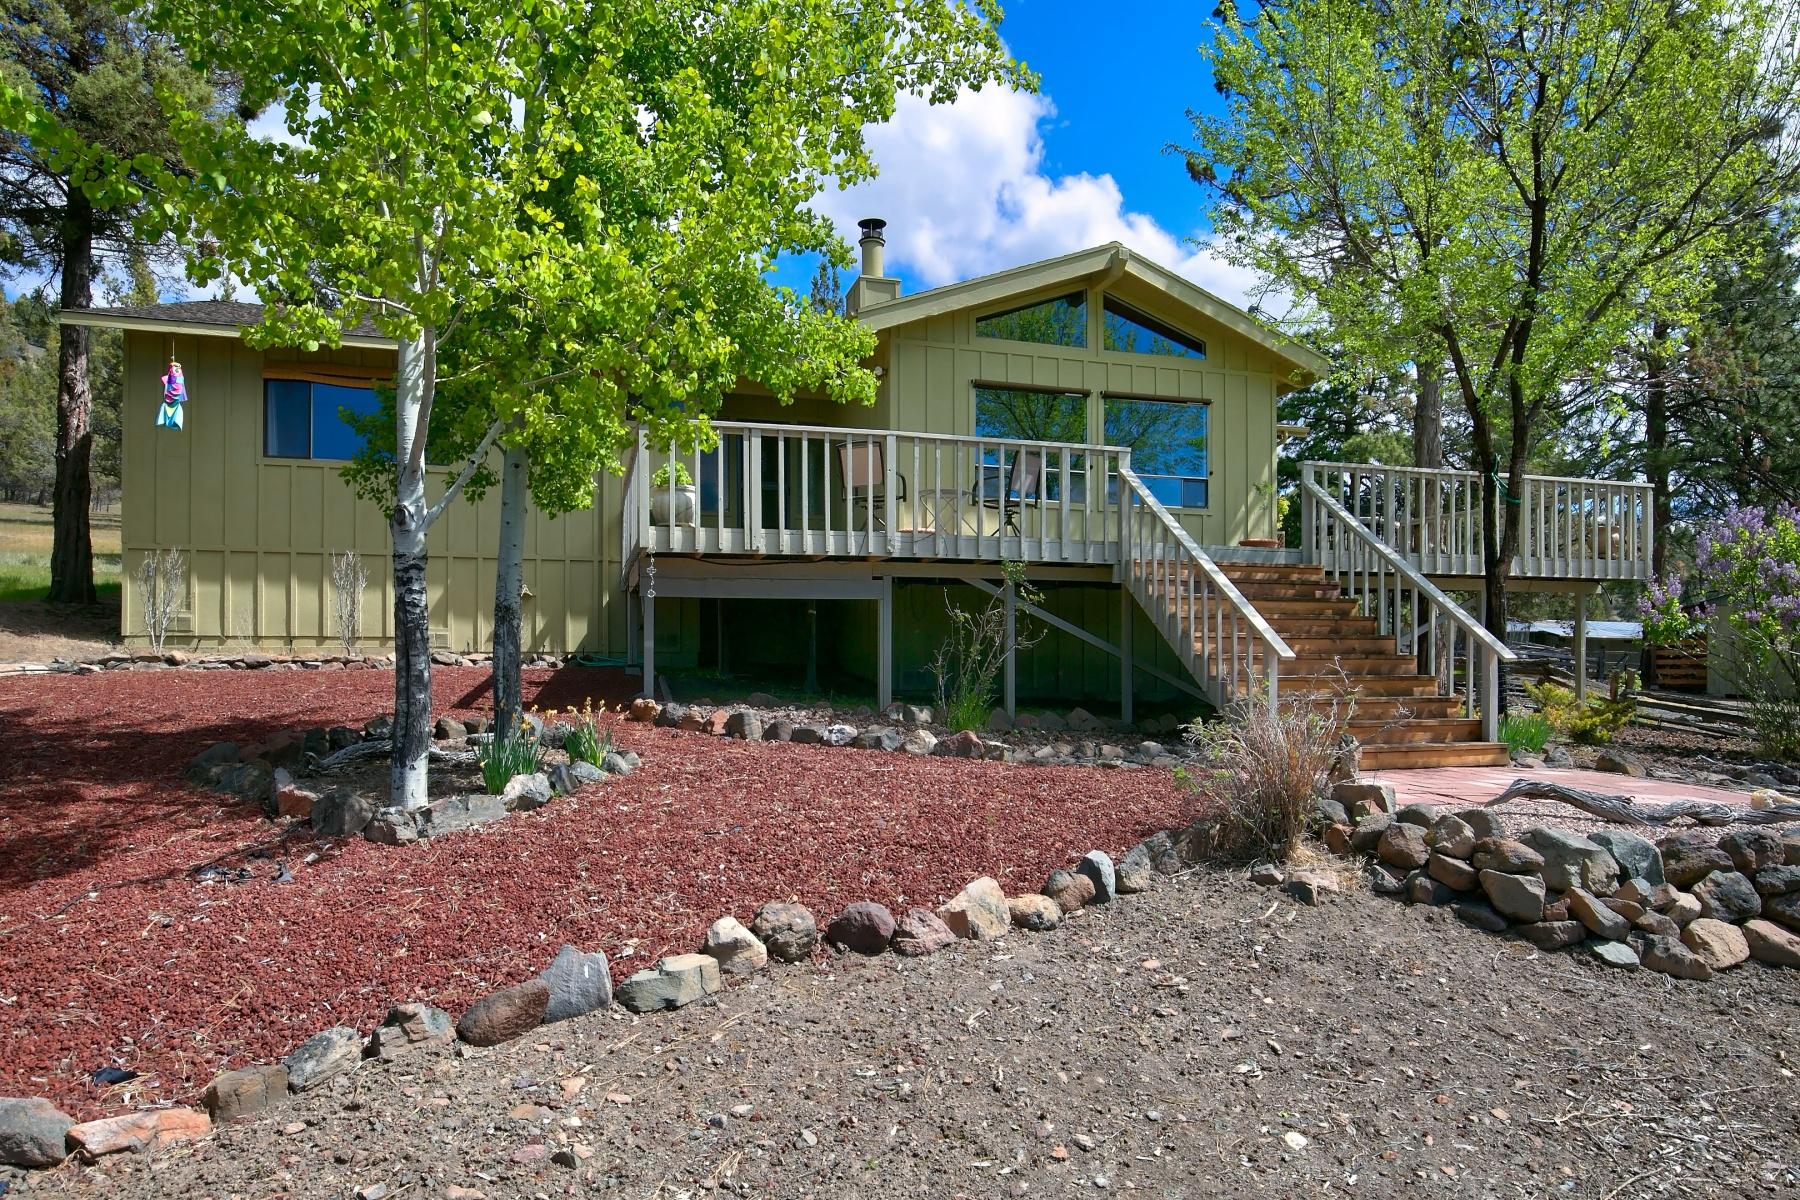 Maison unifamiliale pour l Vente à Whiskey Pine Ranch - Prineville, OR 4500 NE McKay Creek Rd Prineville, Oregon, 97754 États-Unis